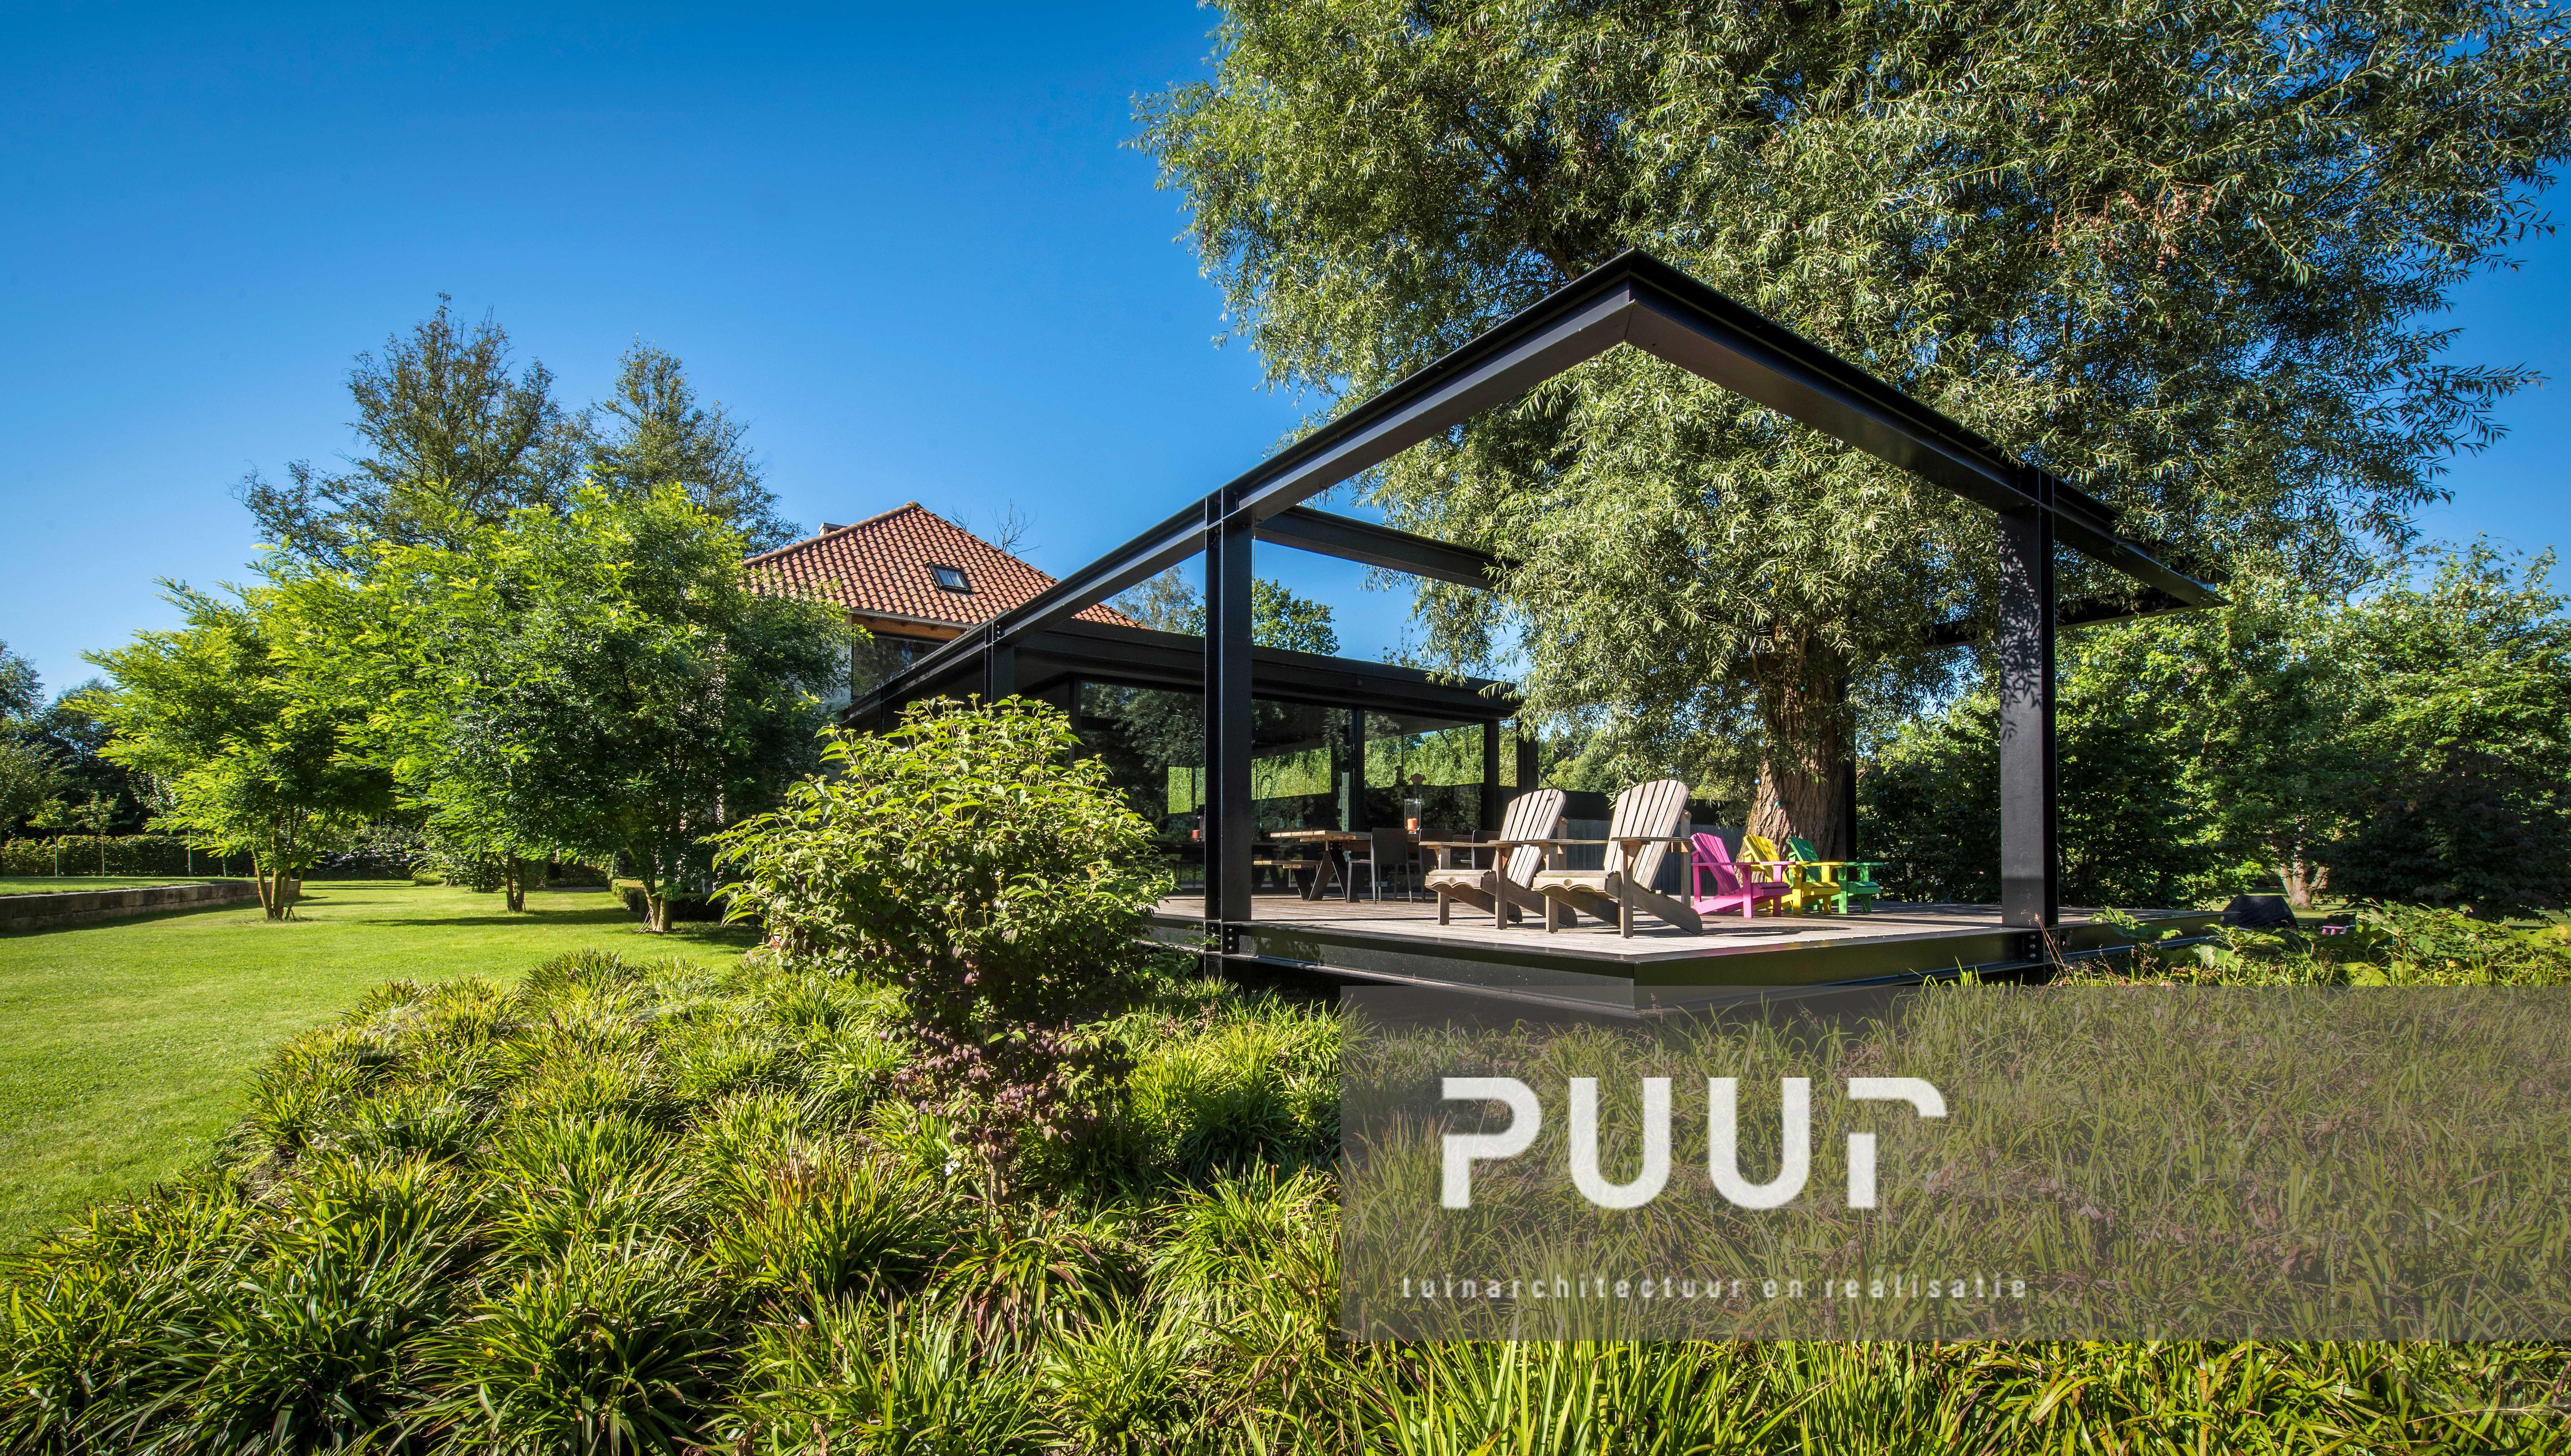 Strakke tuin met watertafel puur groenprojecten tuinarchitectuur